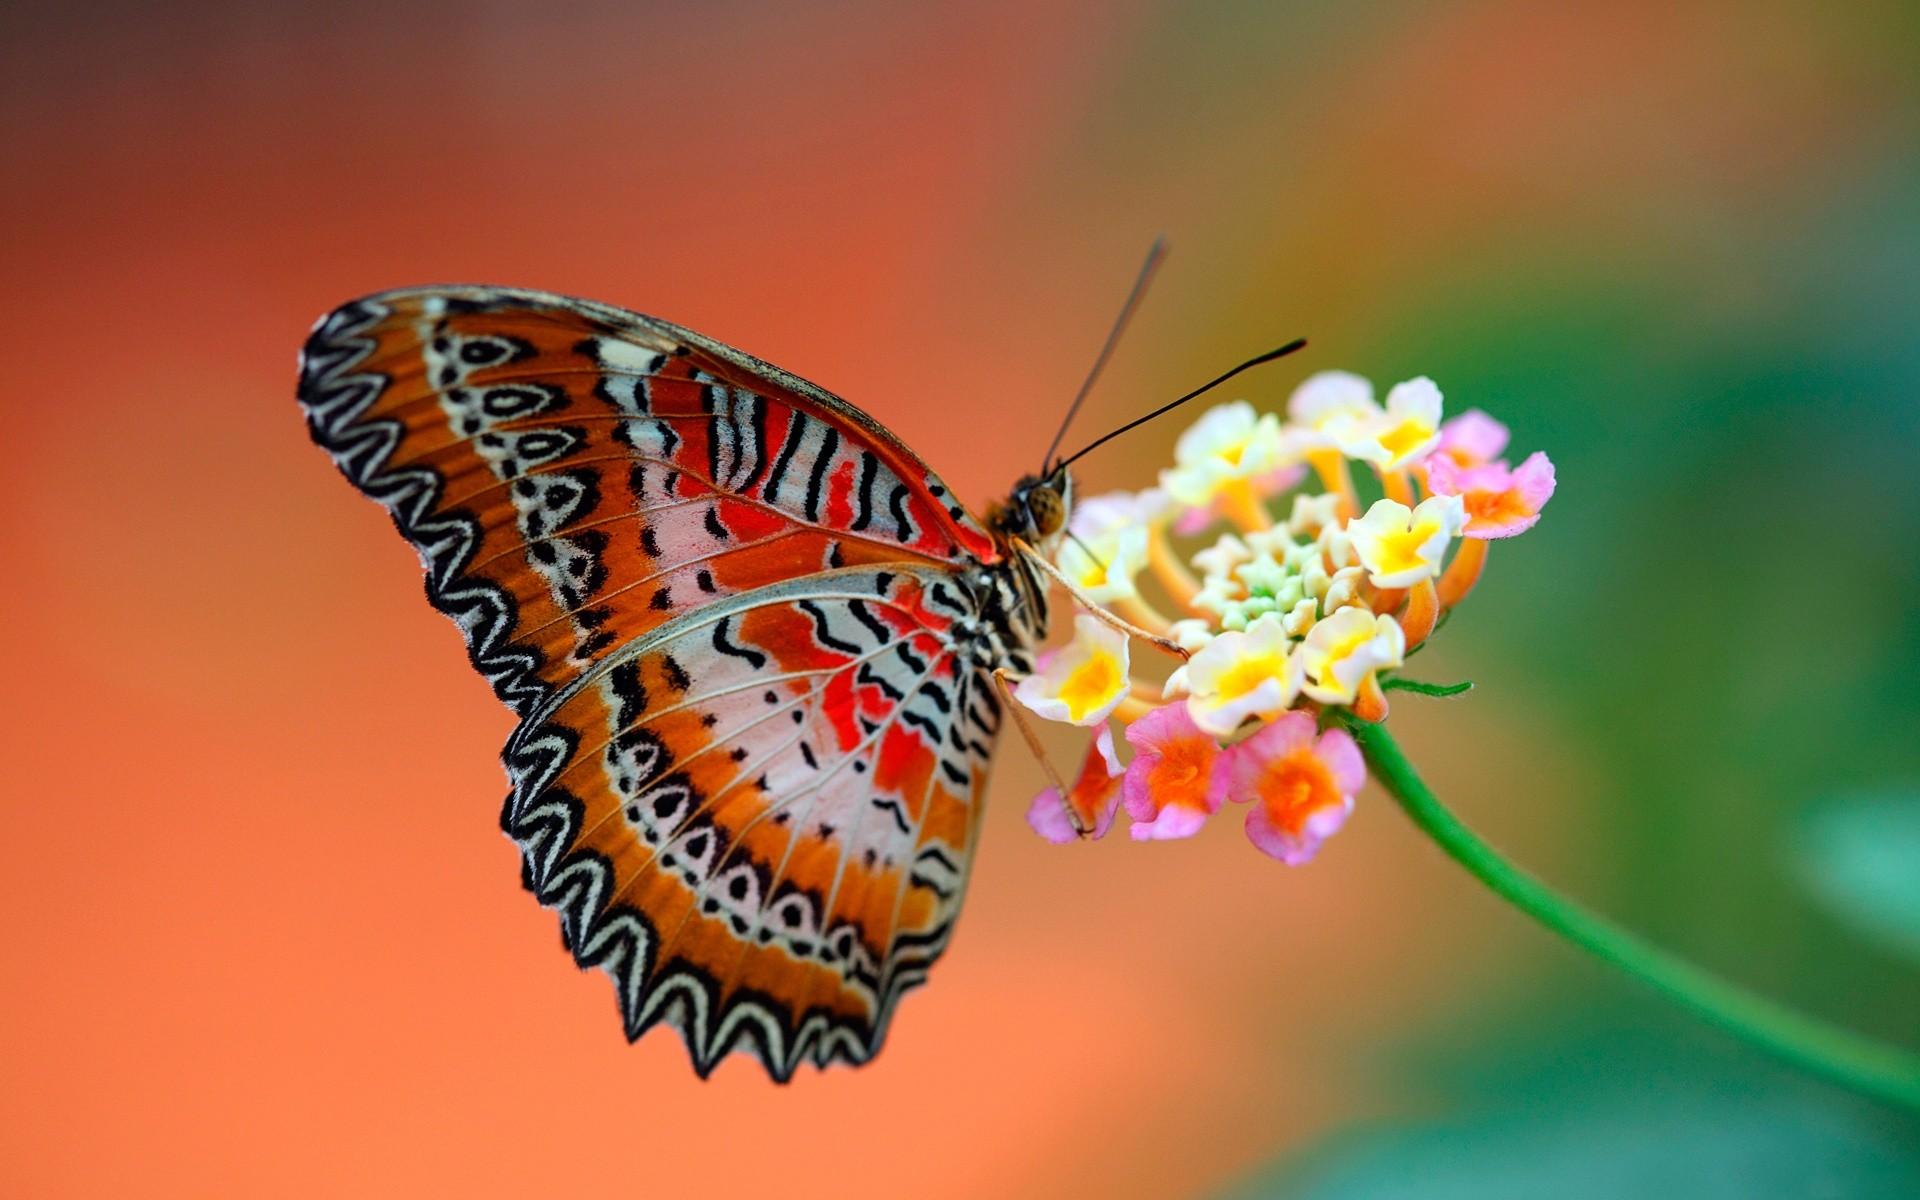 Mariposa en una flor - 1920x1200